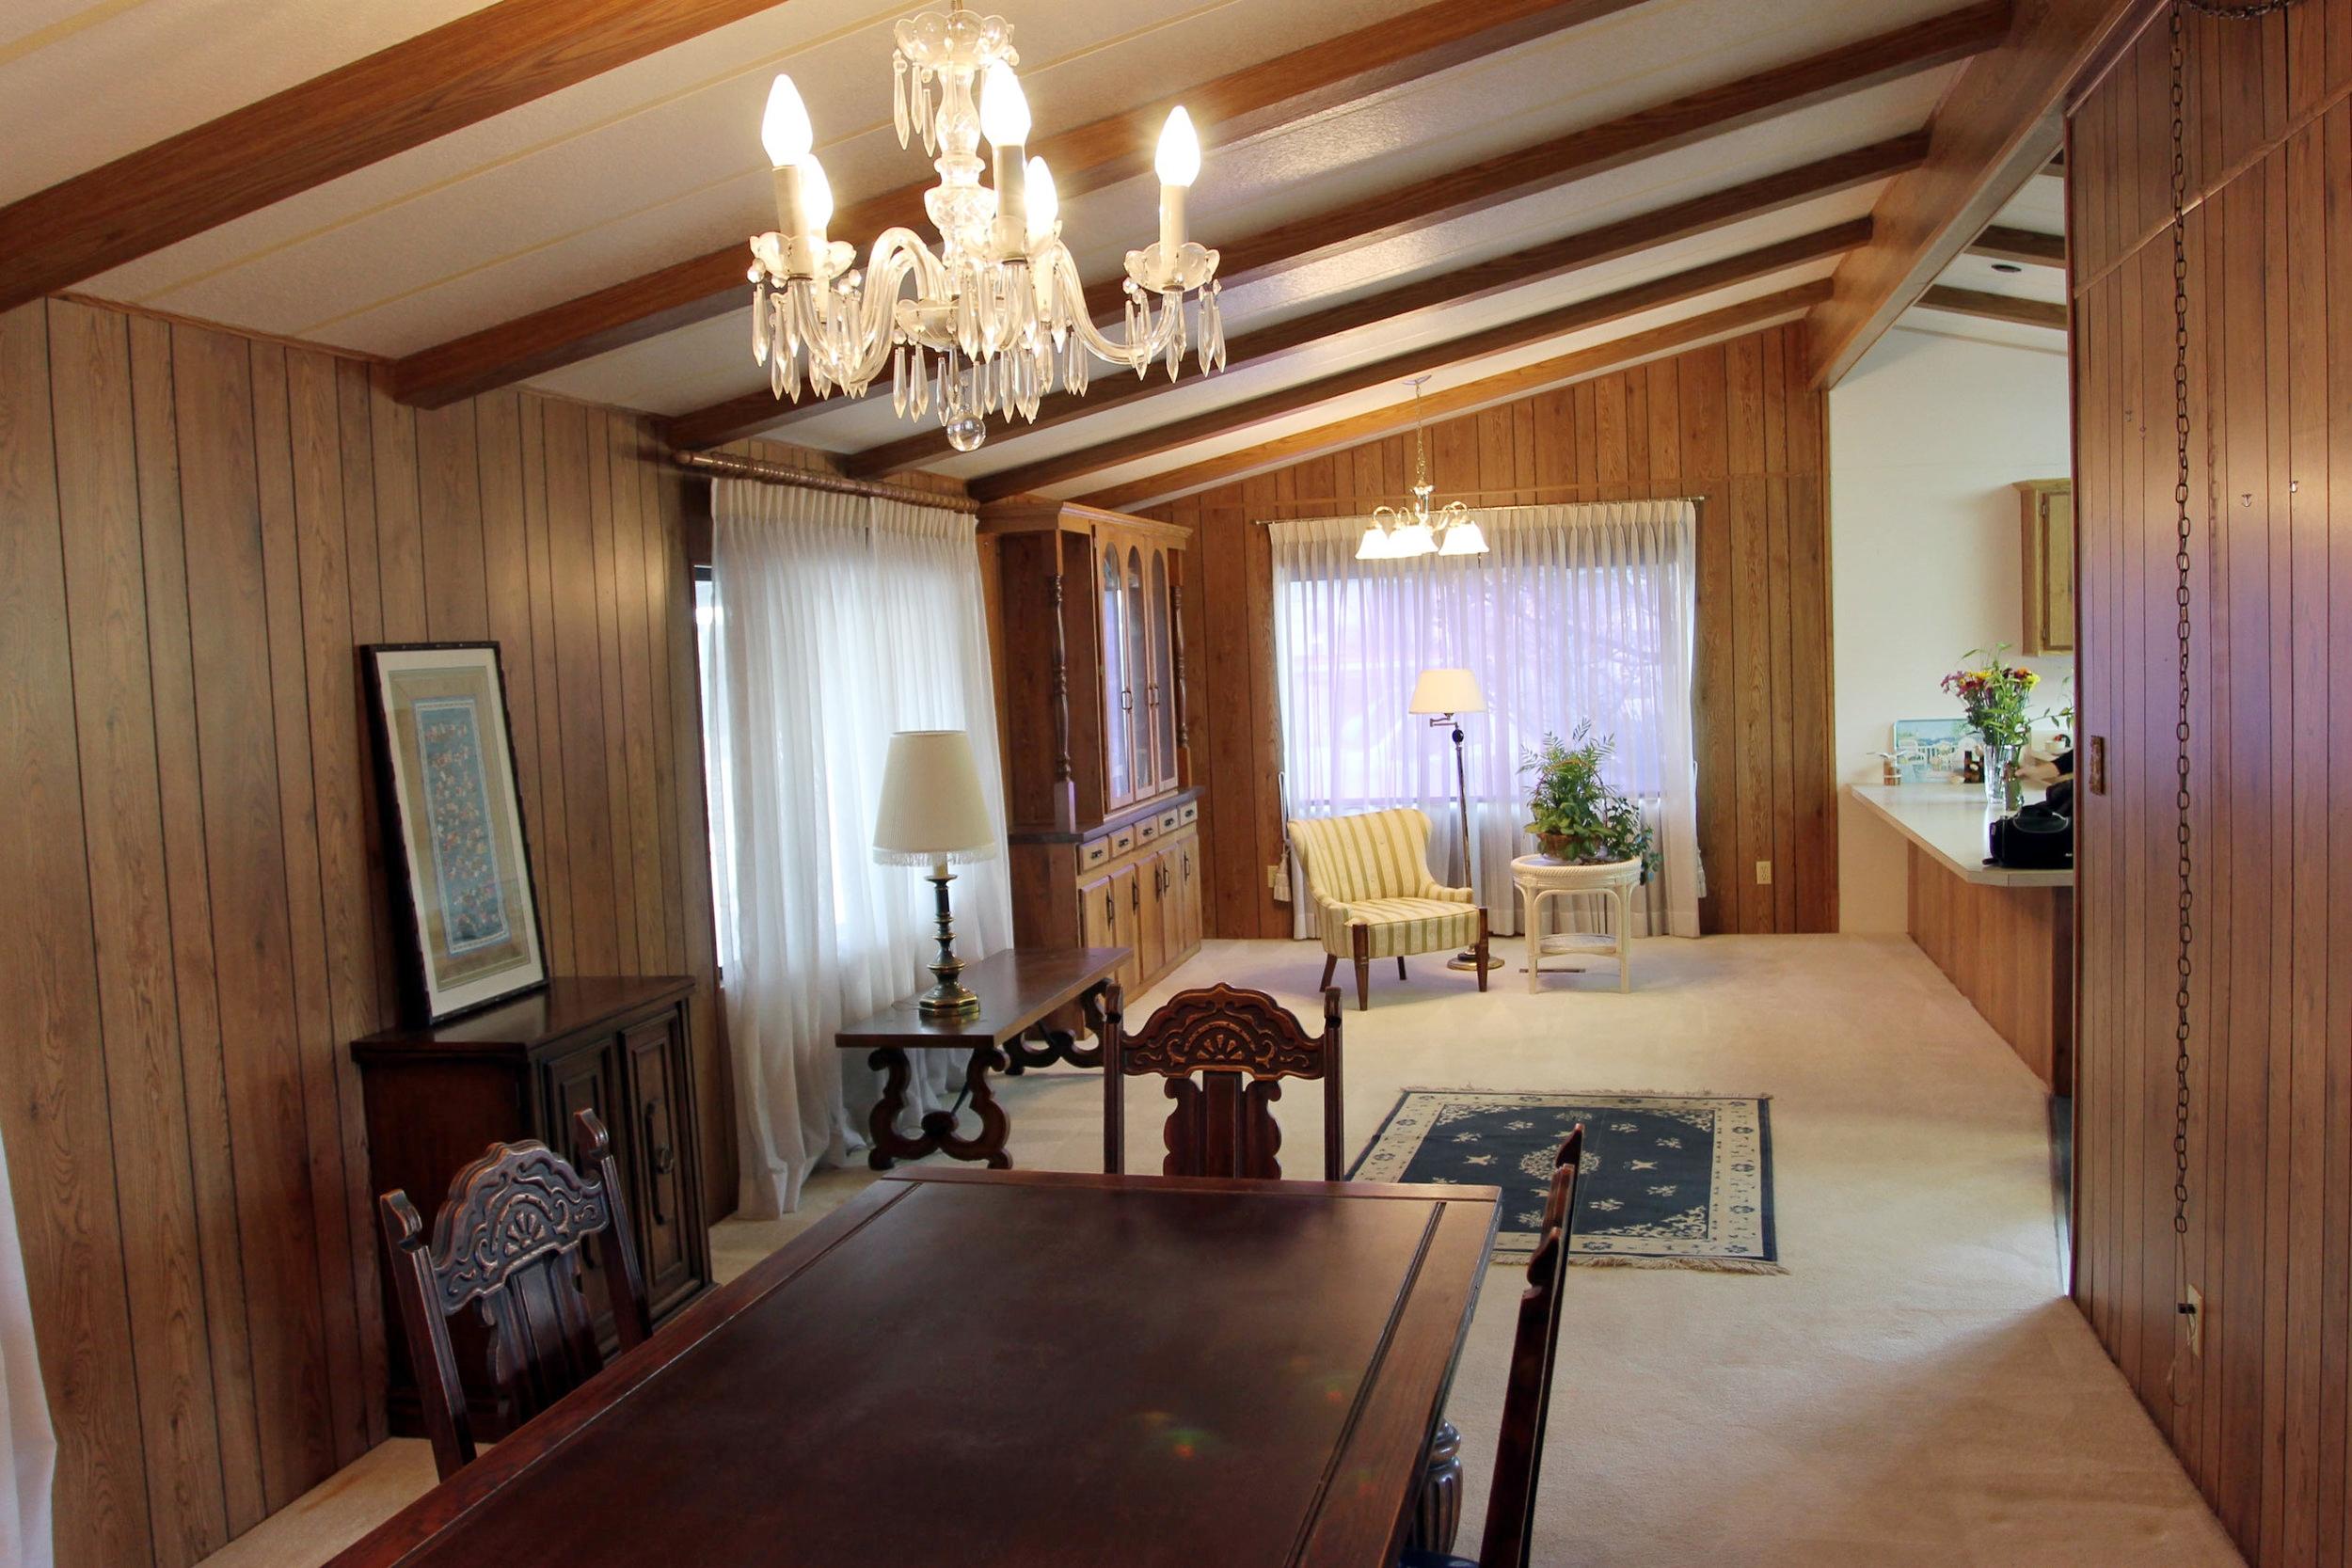 dining-room-family-room.jpg